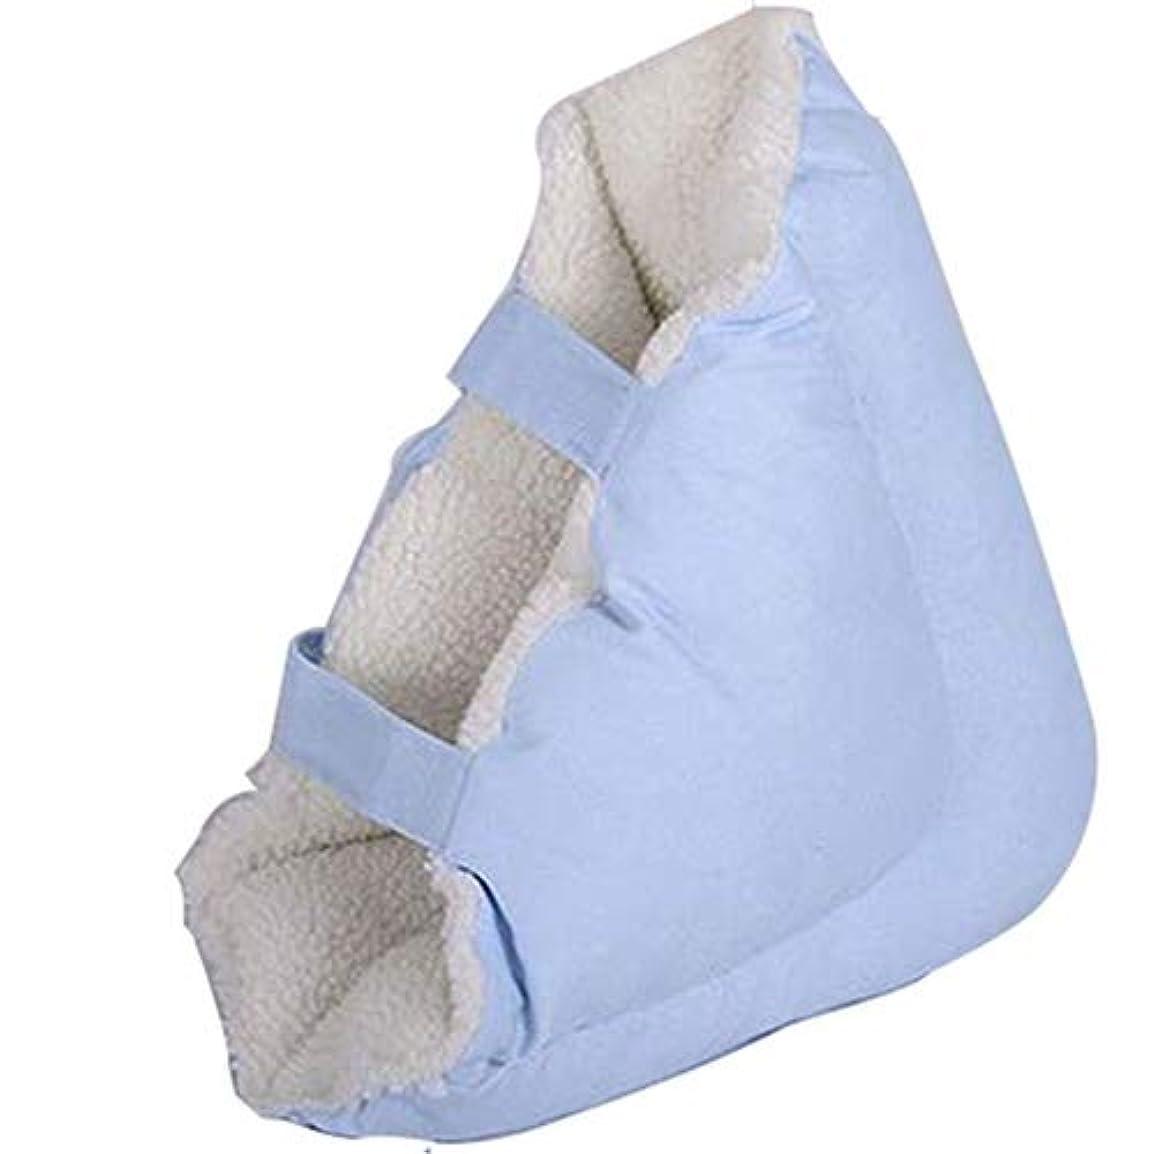 荒野電子してはいけませんヒールクッションプロテクター、足枕かかとパッド保護パッド-抗ニキビ抗菌布枕、1ペア床ずれ防止 かかとあて